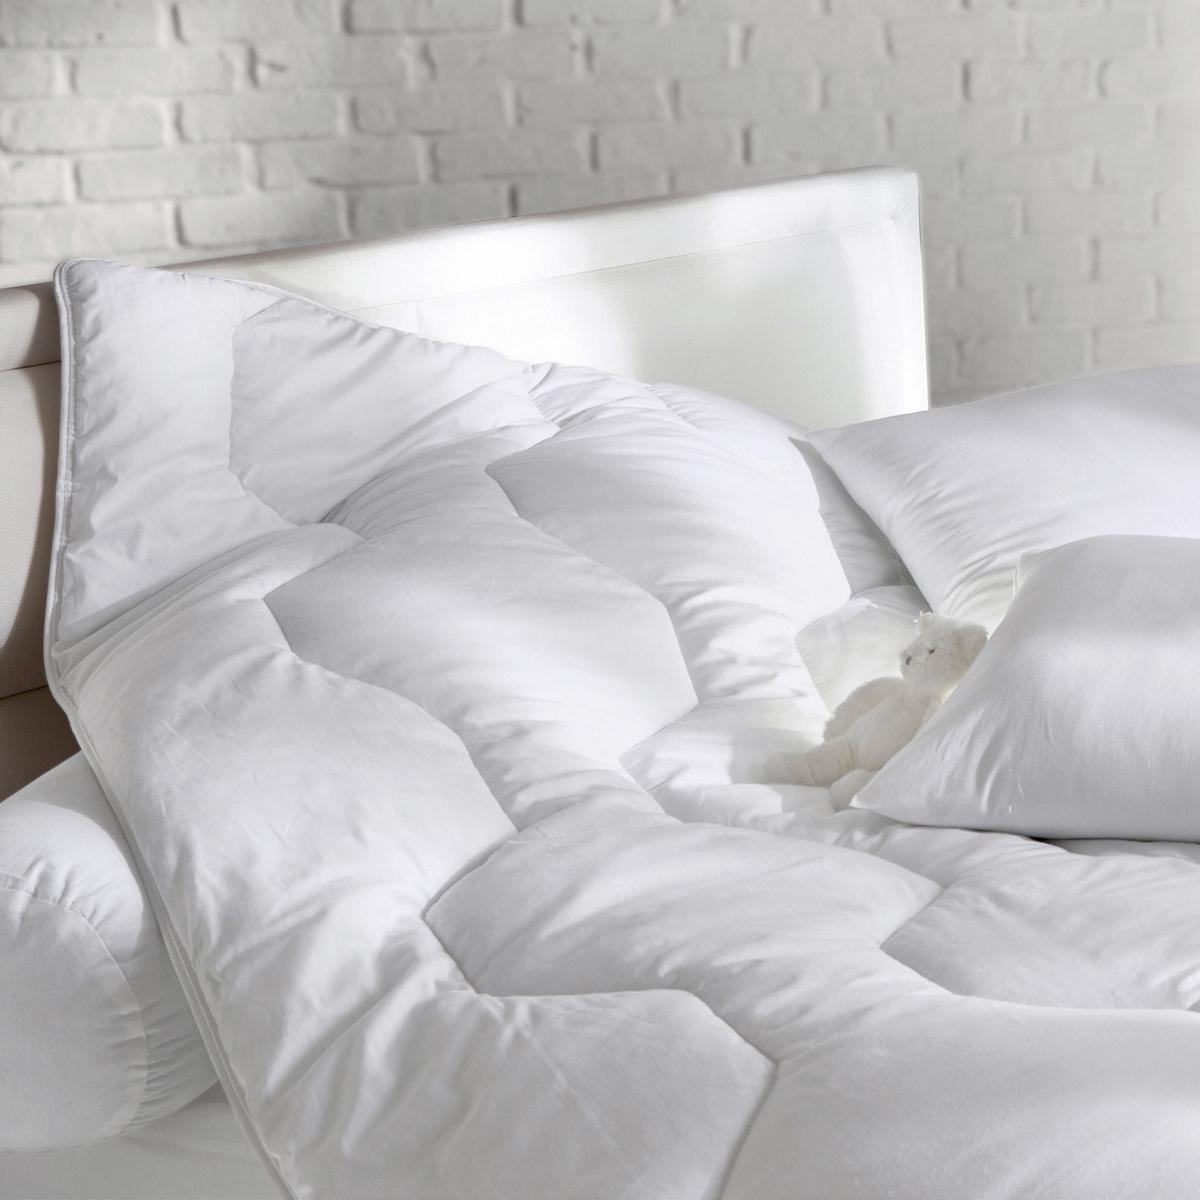 купить Одеяло La Redoute Синтетическое гм с обработкой Santol 140 x 200 см белый по цене 8649 рублей